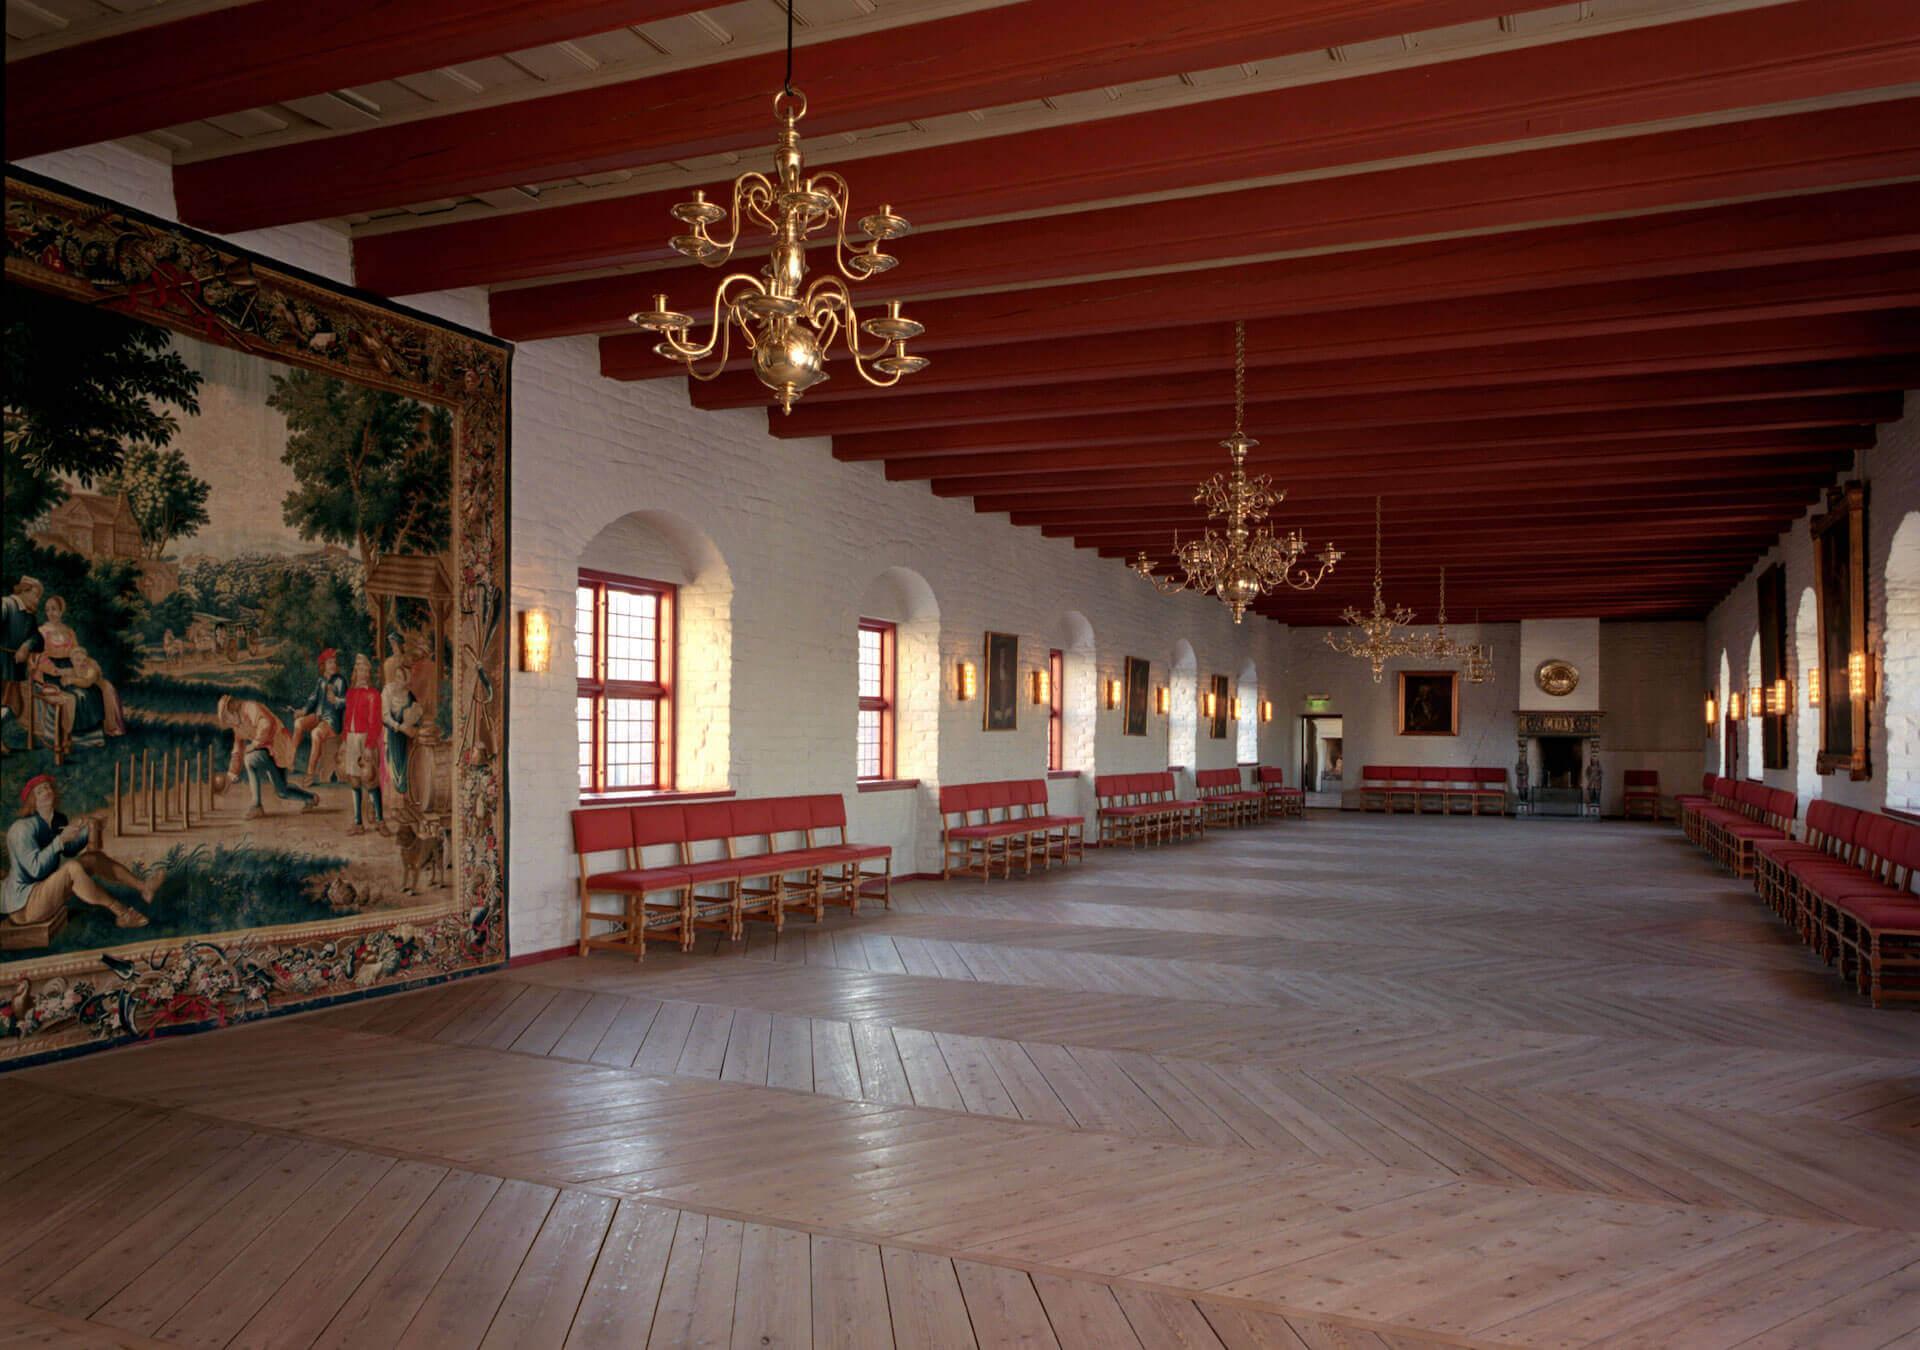 Romerikssalen på akershus slott